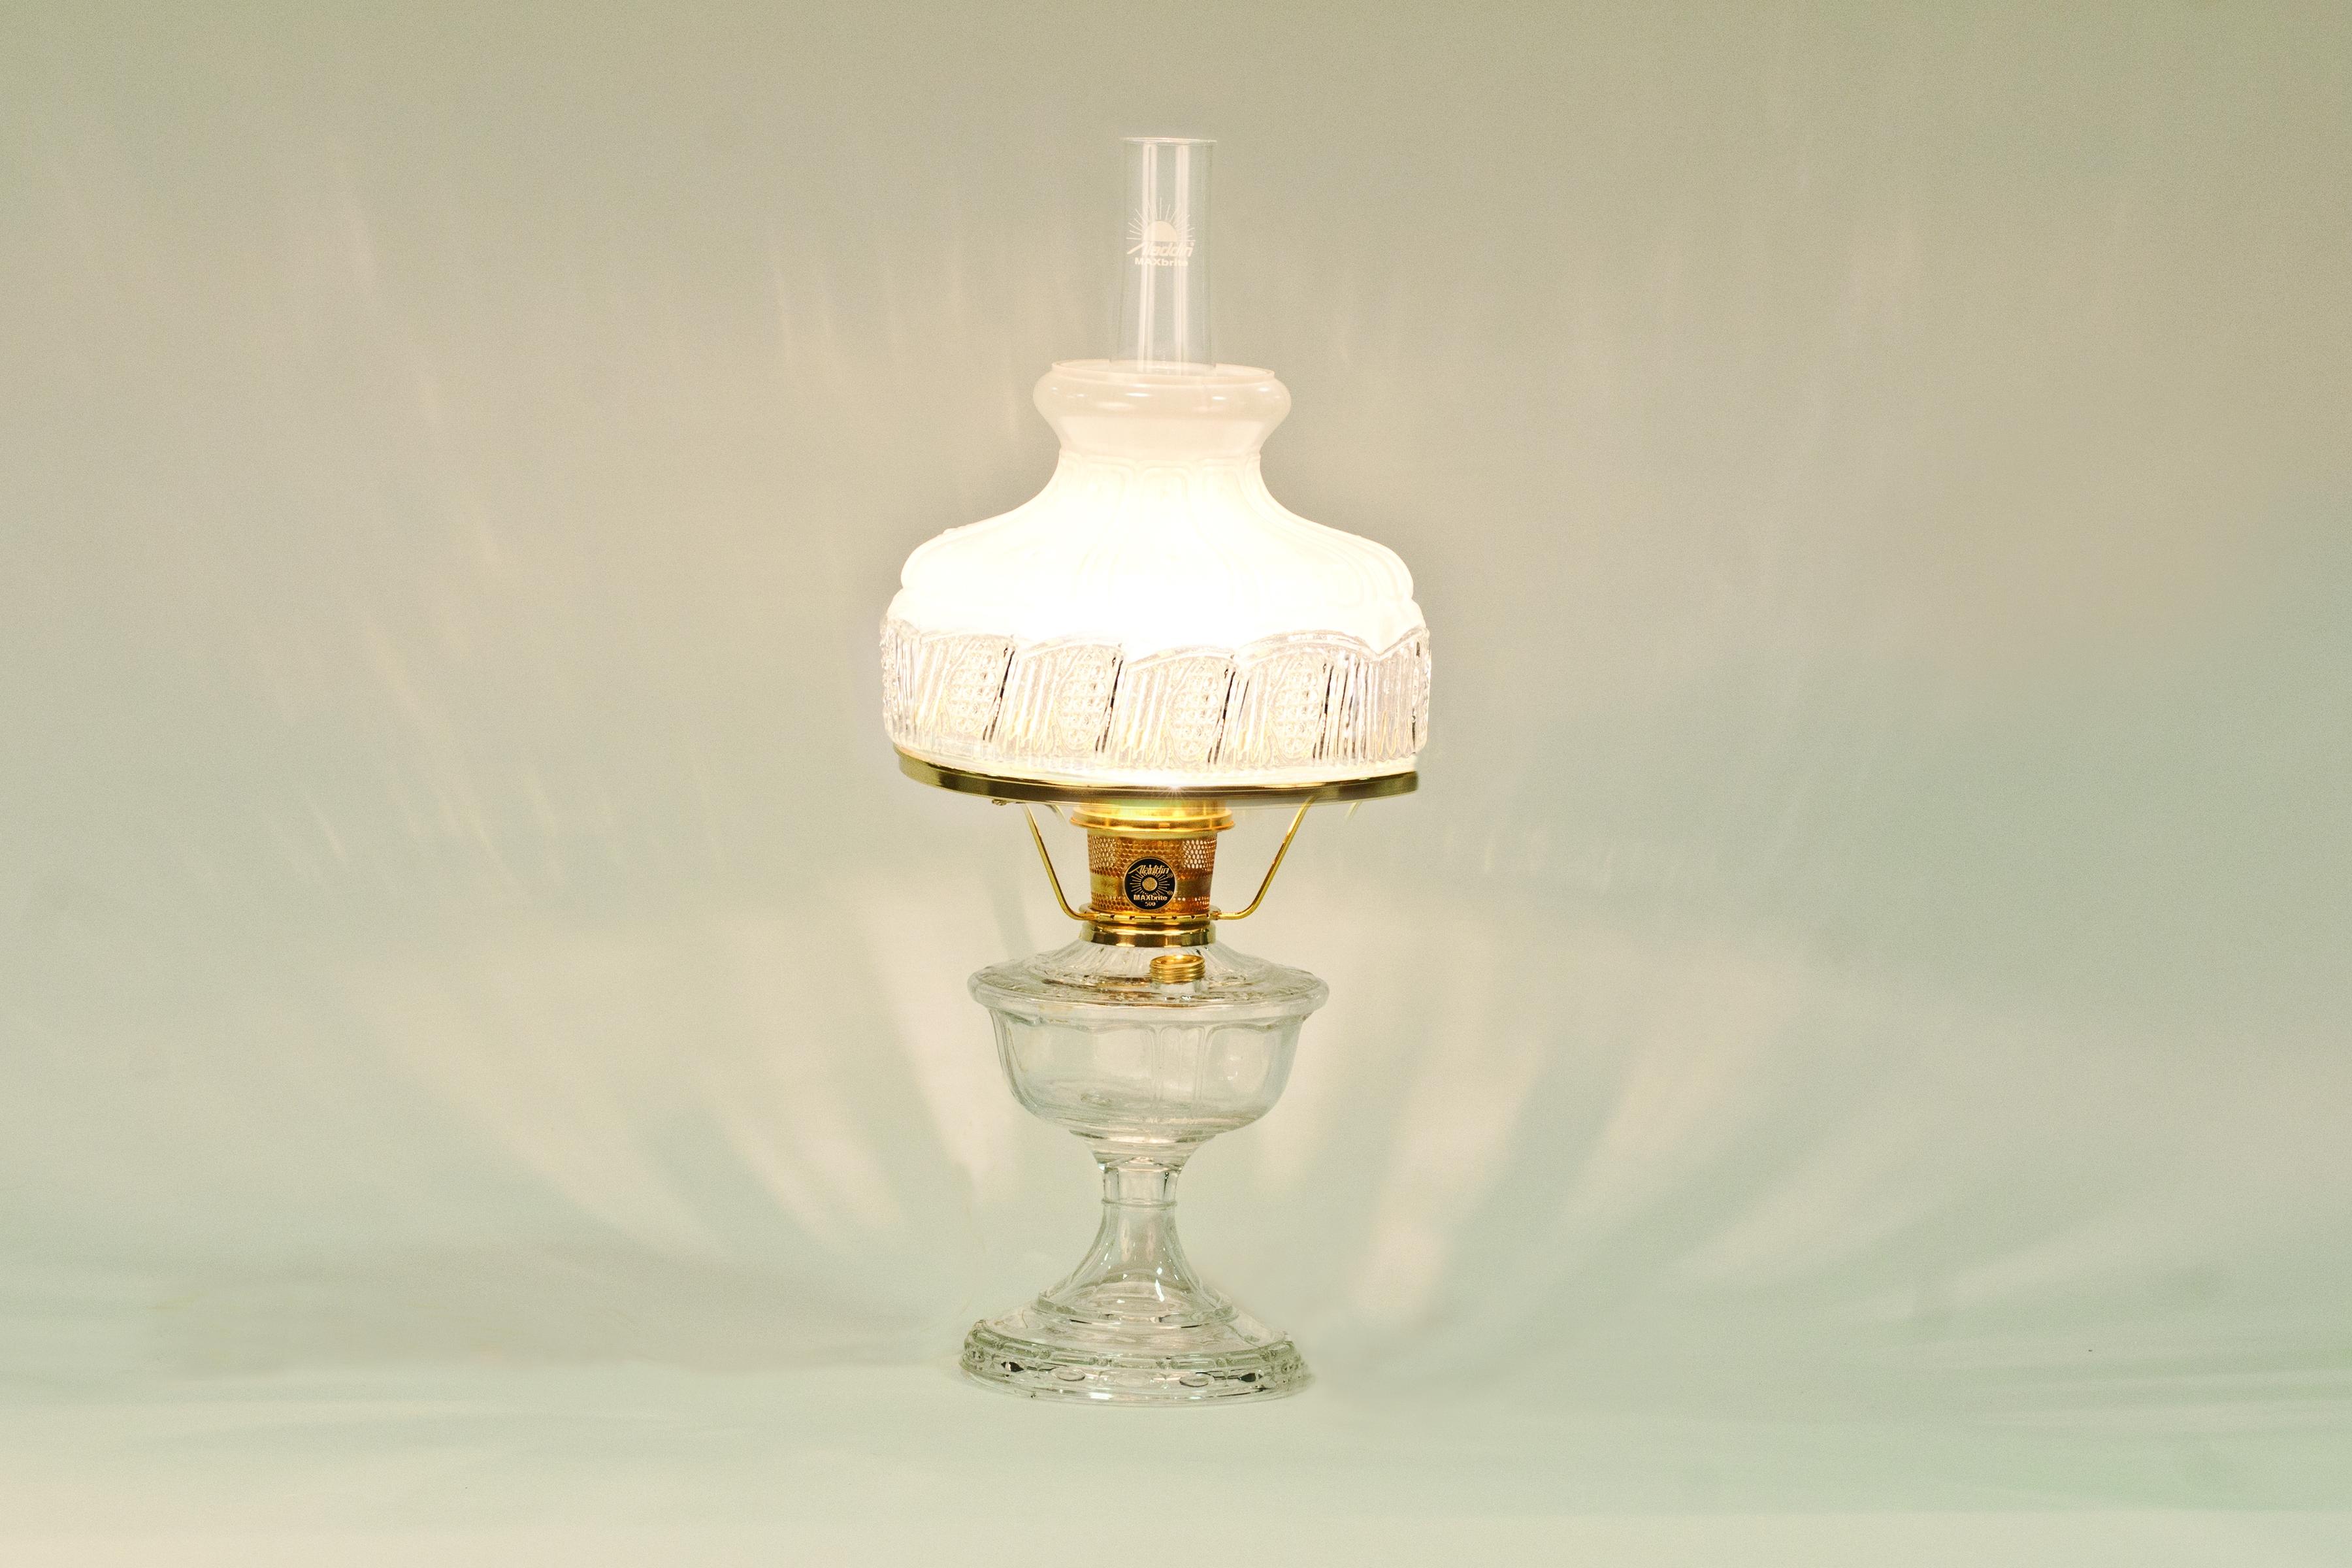 Vc2312b 5019r Aladdin Alexandria Clear Brass Lamp 5019r